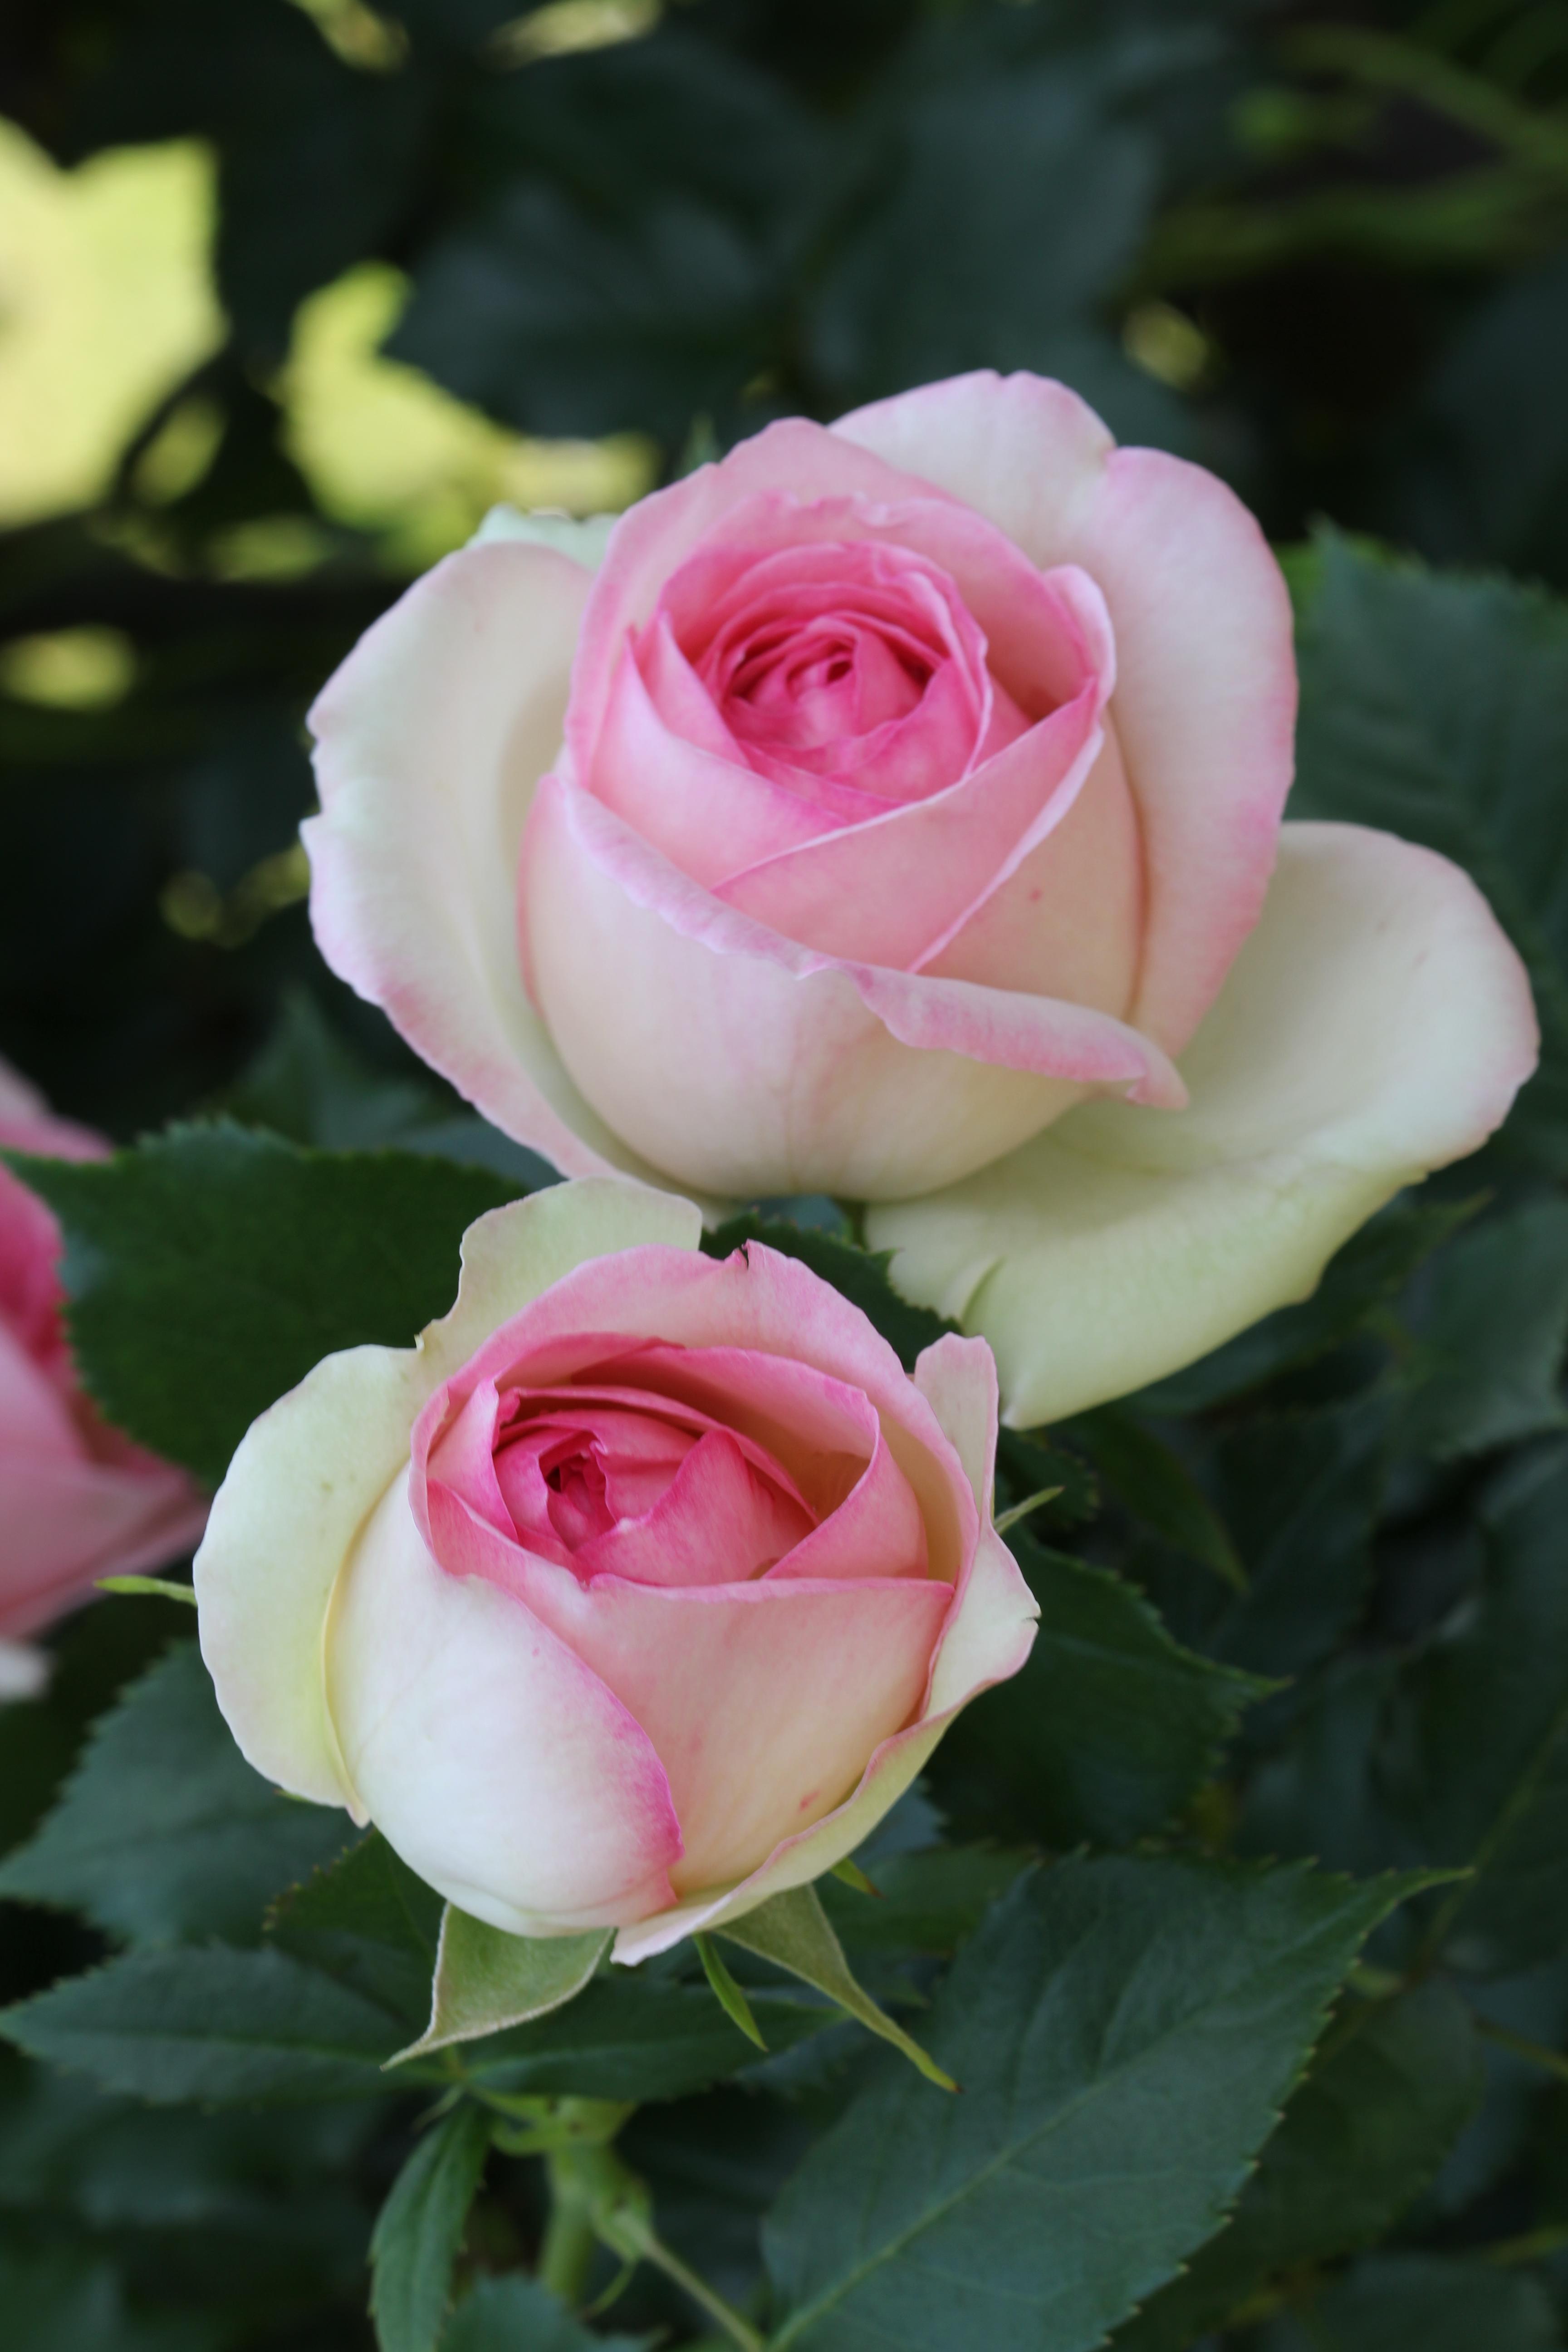 Passion pierre de ronsard on pinterest roses climbing for Pierre de ronsard rosa